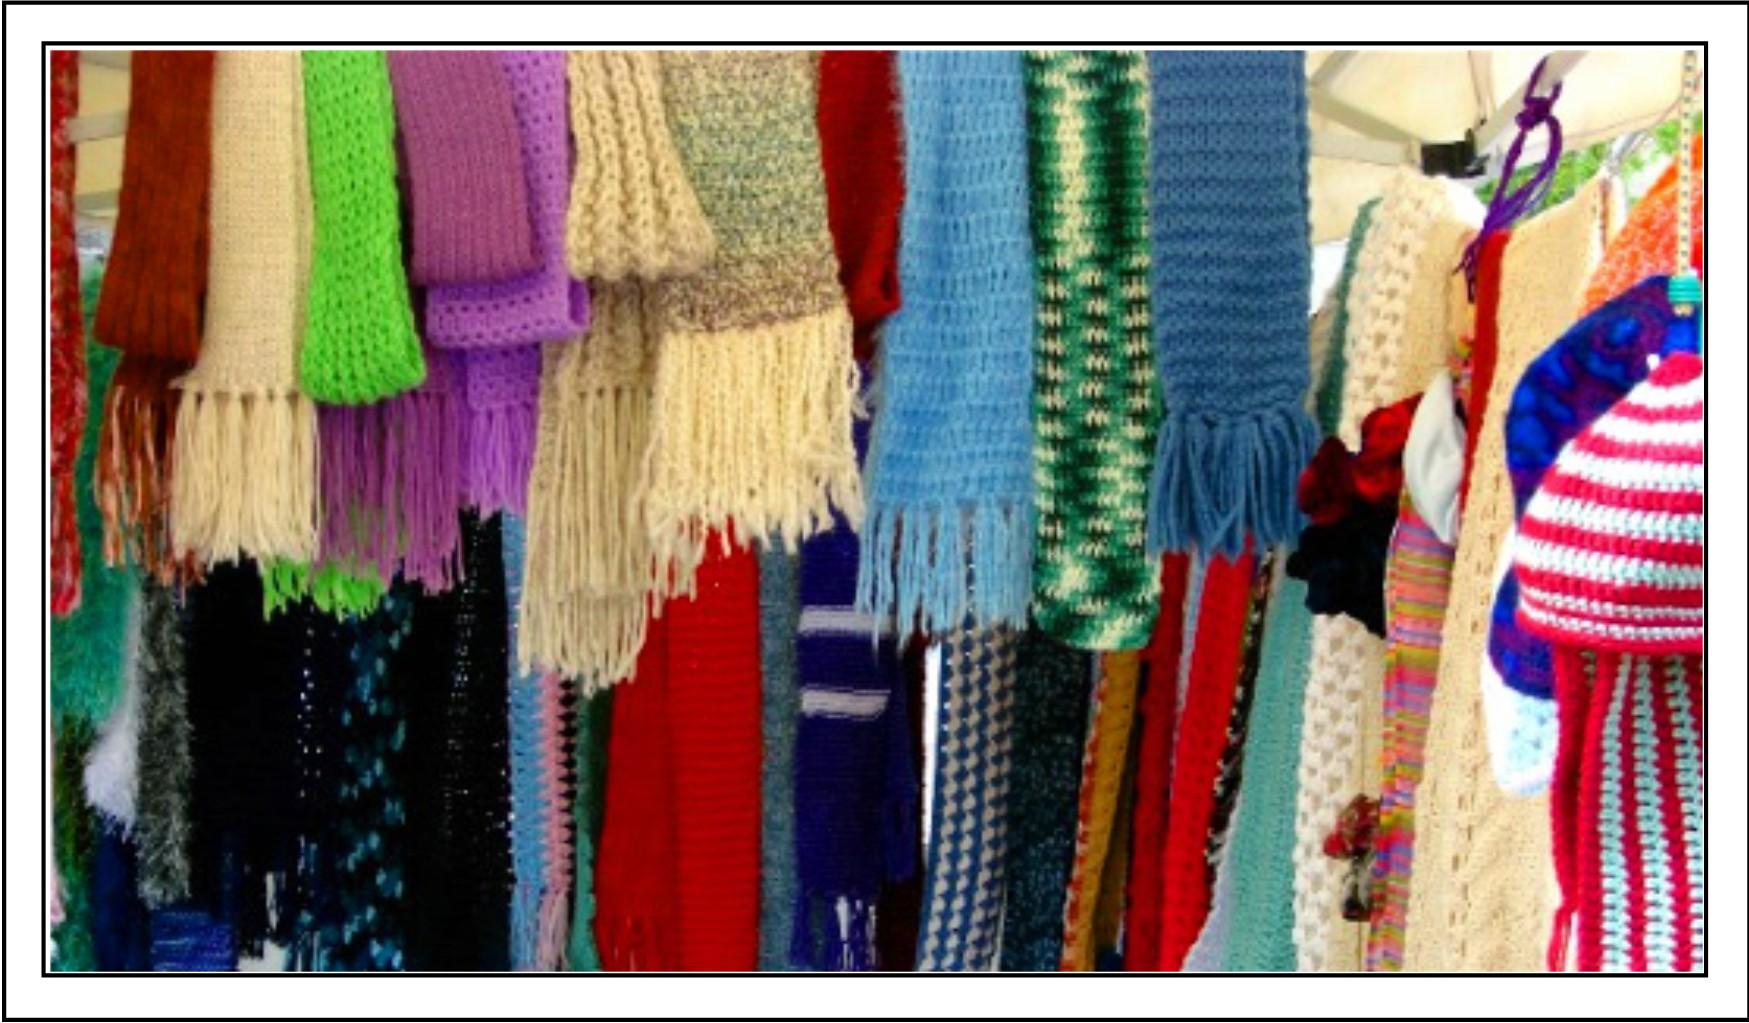 For Sale-Colorful Attire.jpg